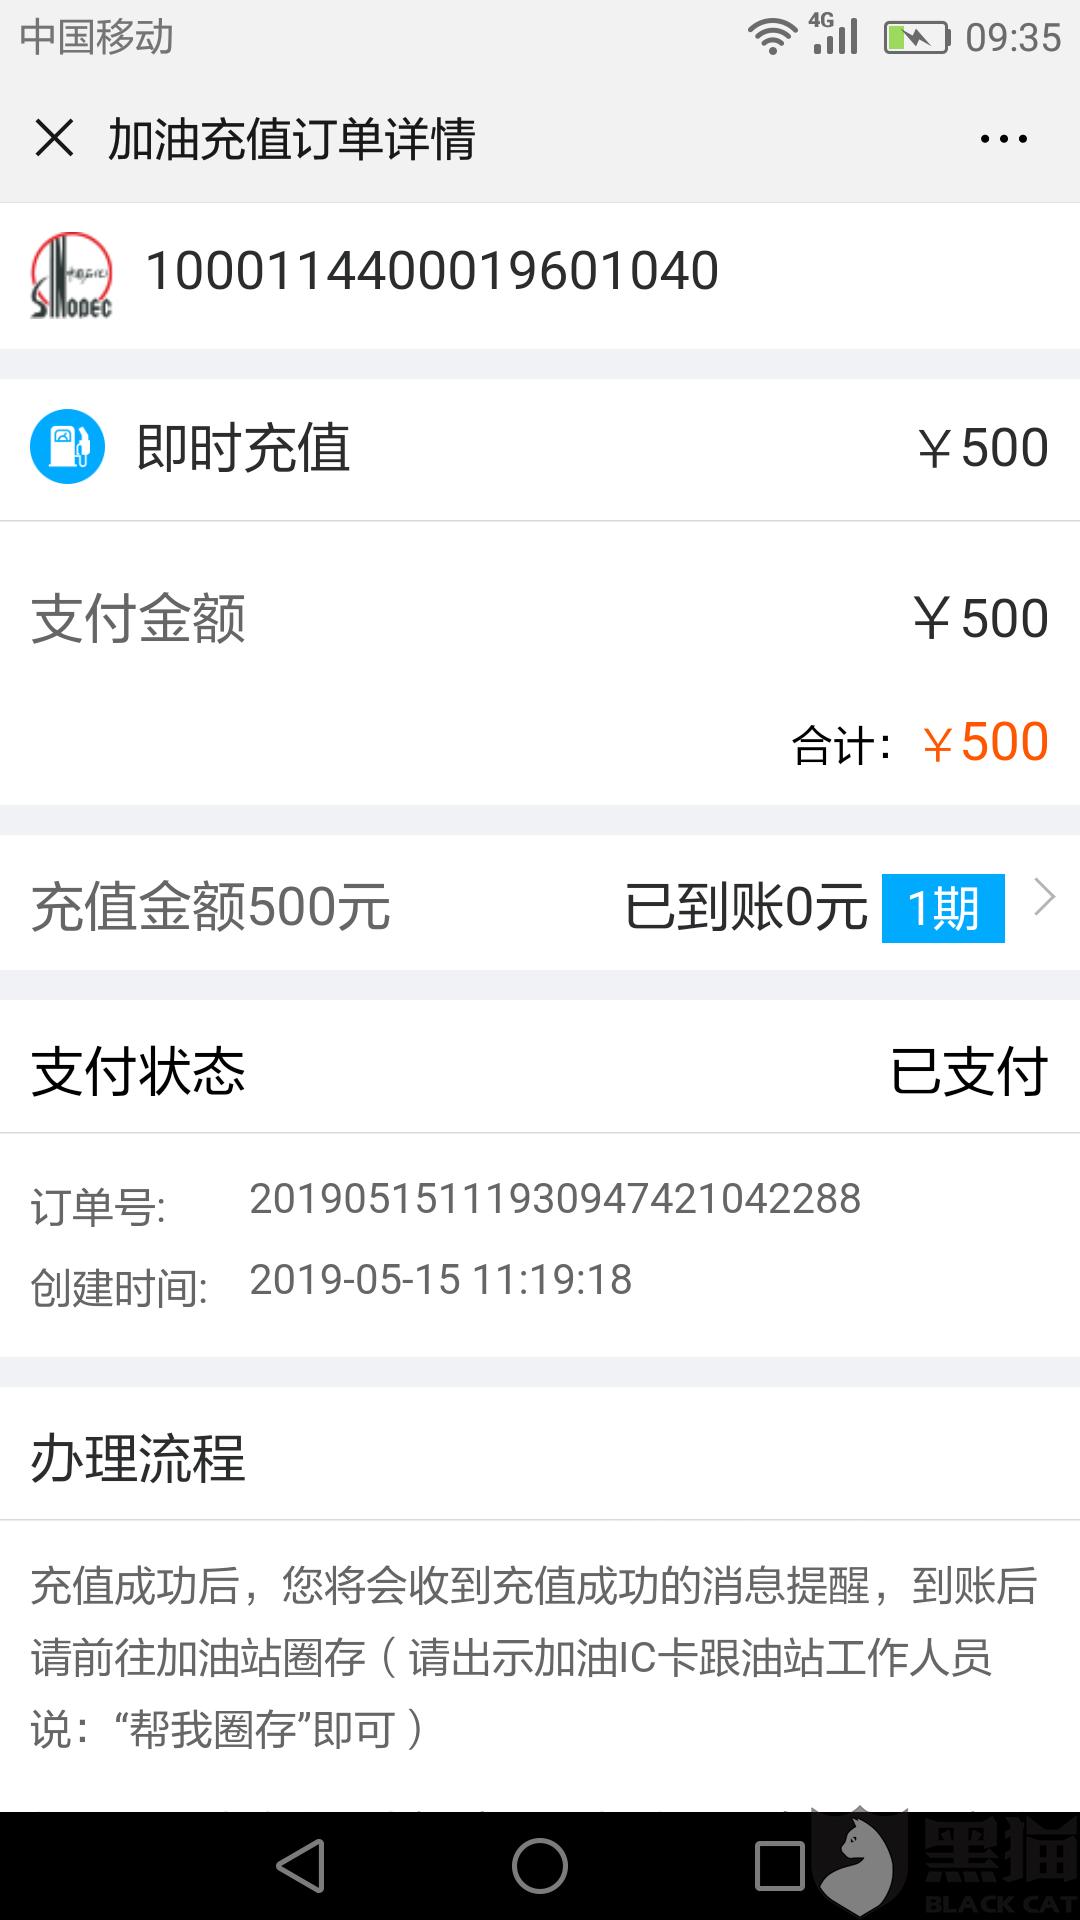 黑猫投诉:在东莞爱车钱包网络科技有限公司的车钱包充值1100加油卡超过20天没到账